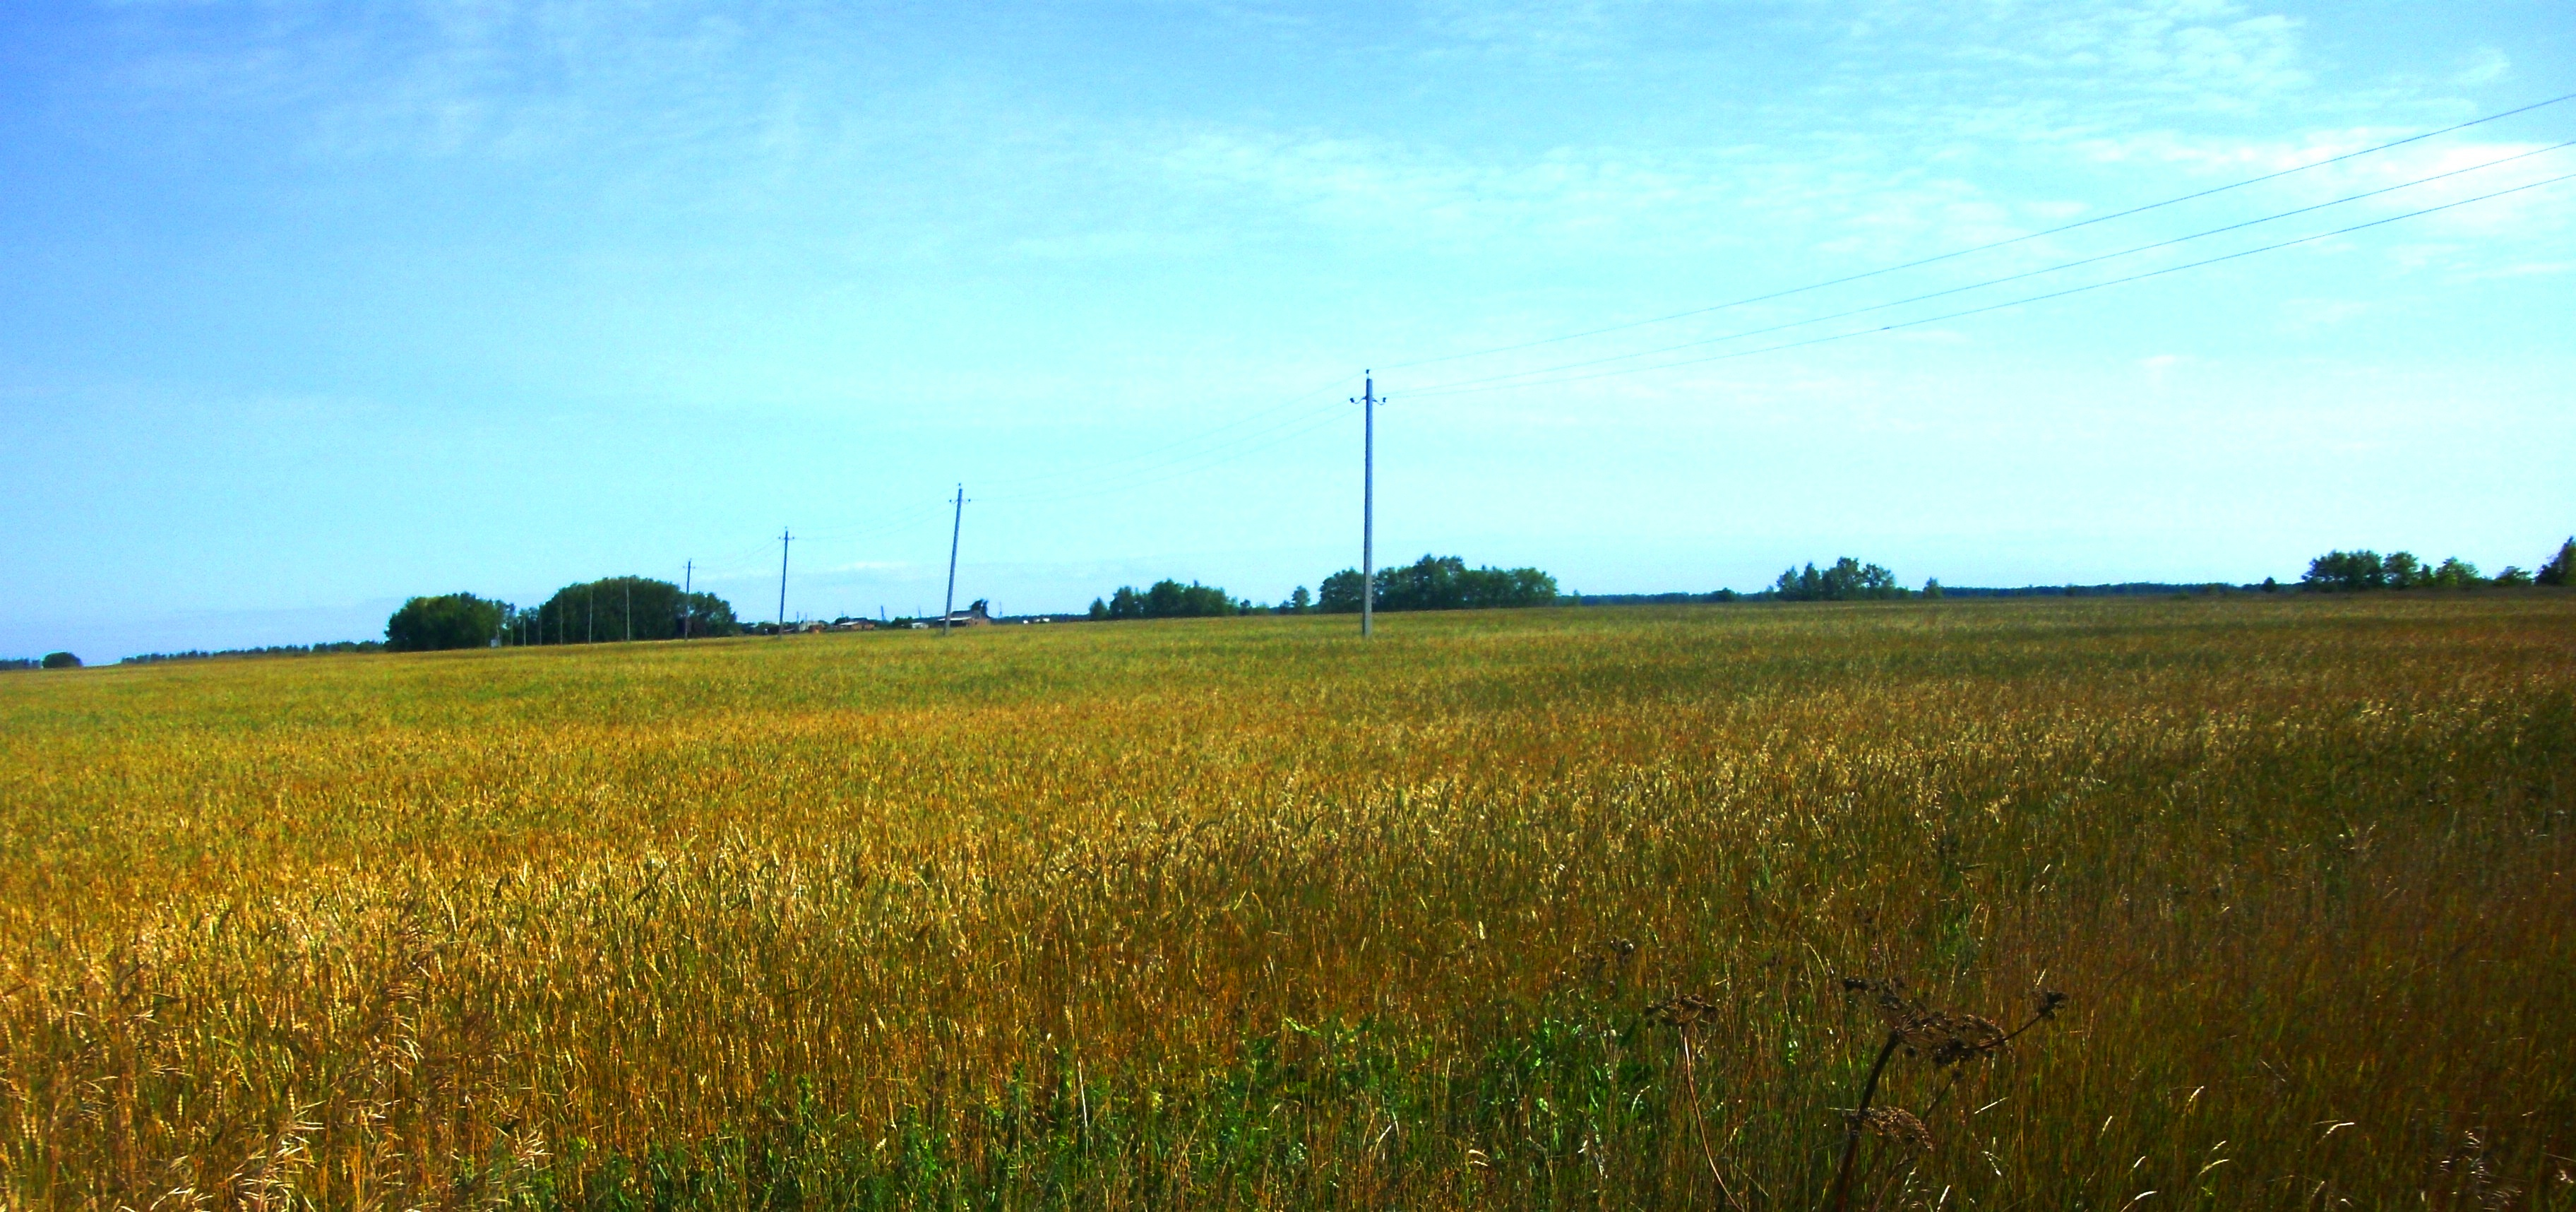 Знакомства русская поляна омская область